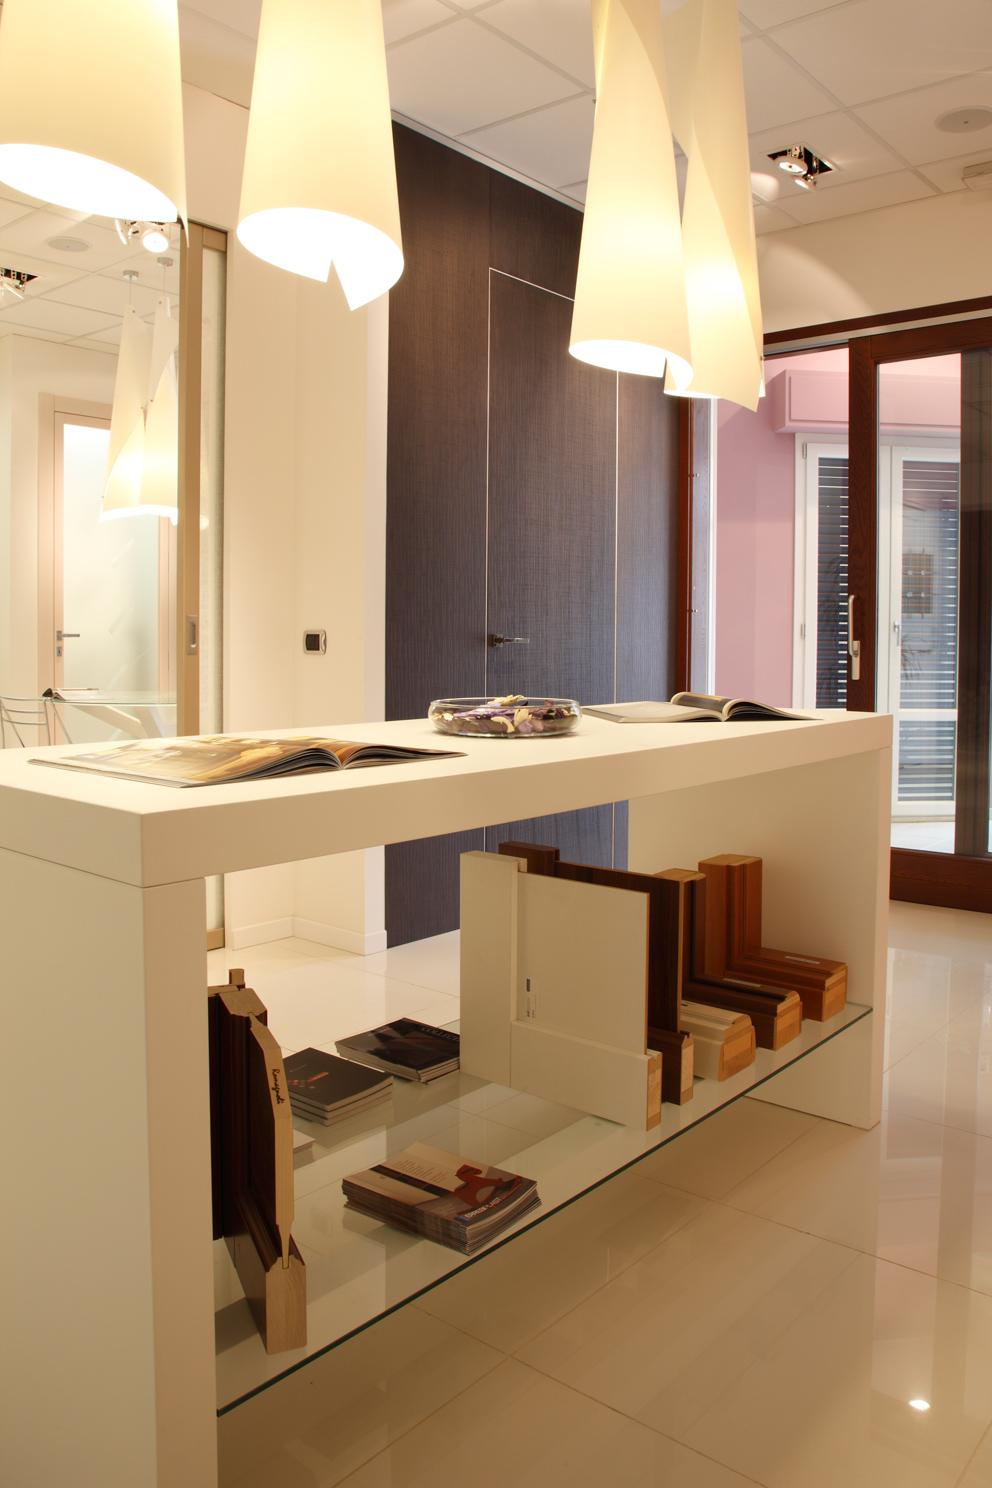 Errebiplast porte e finestre made in italy ristrutturazione showroom - Ristrutturazione finestre in legno ...